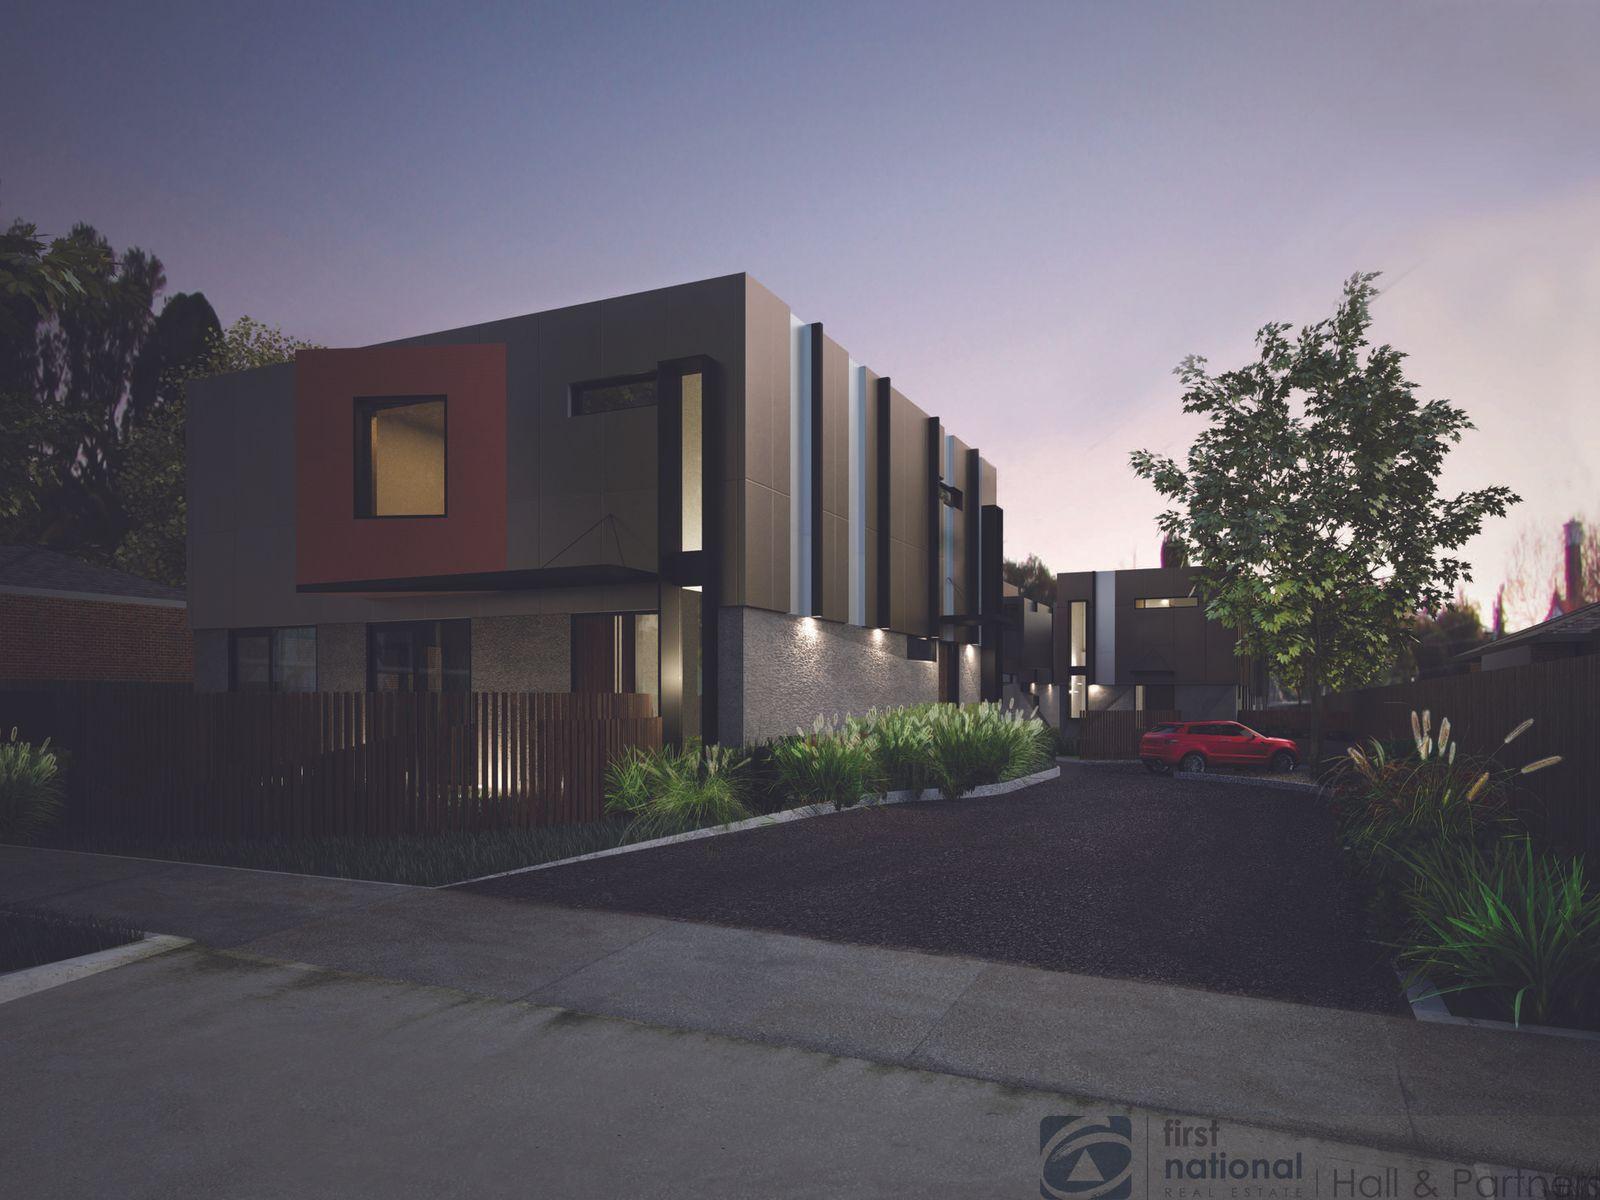 27 New Street, Dandenong, VIC 3175